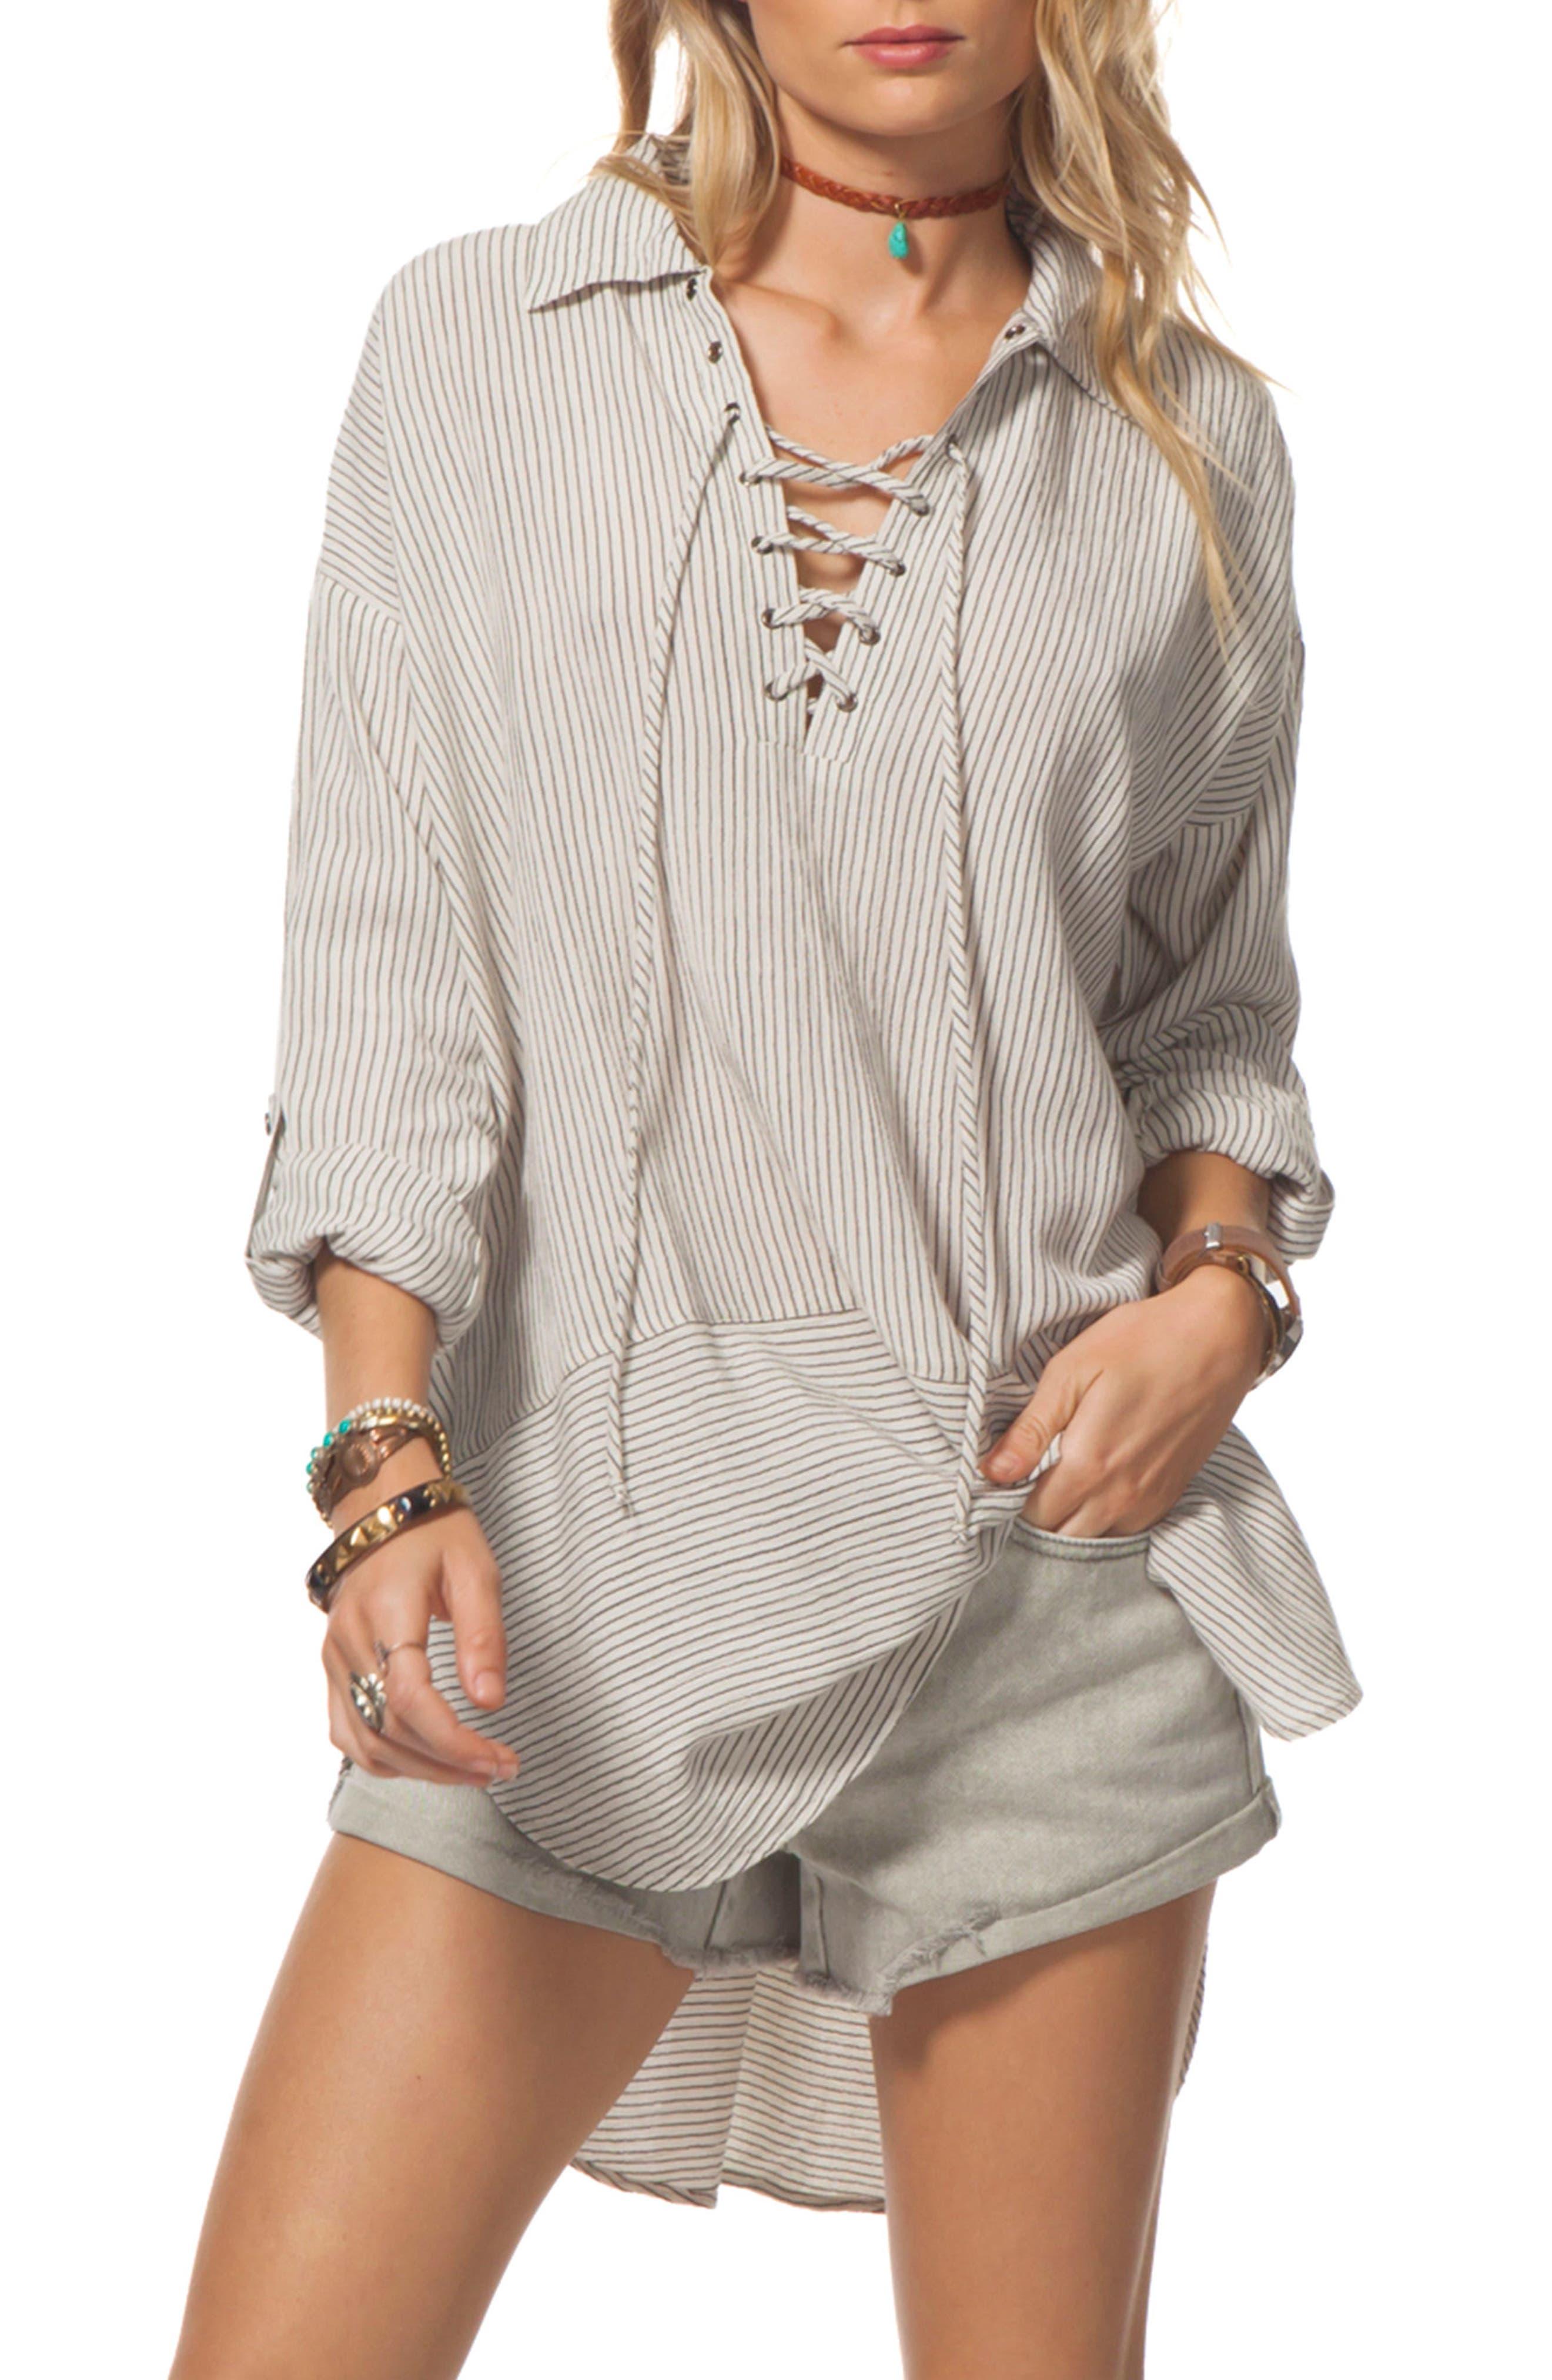 Rip Curl Sandbar Lace-Up Tunic